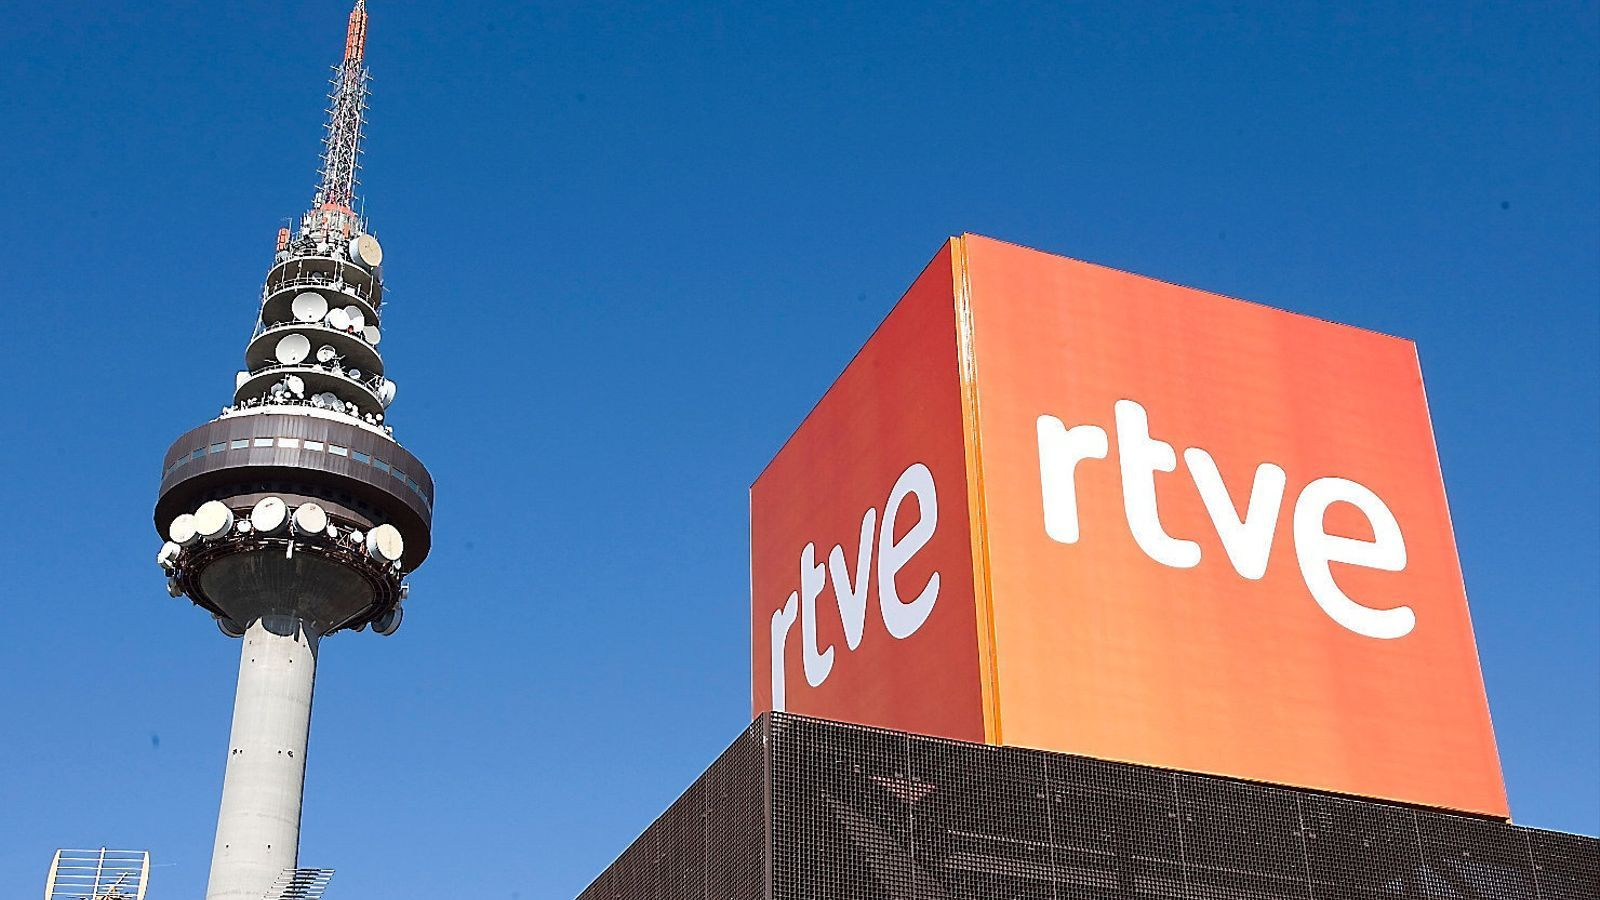 El PP i Ciutadans s'asseguren poder escollir el candidat a nou president de RTVE